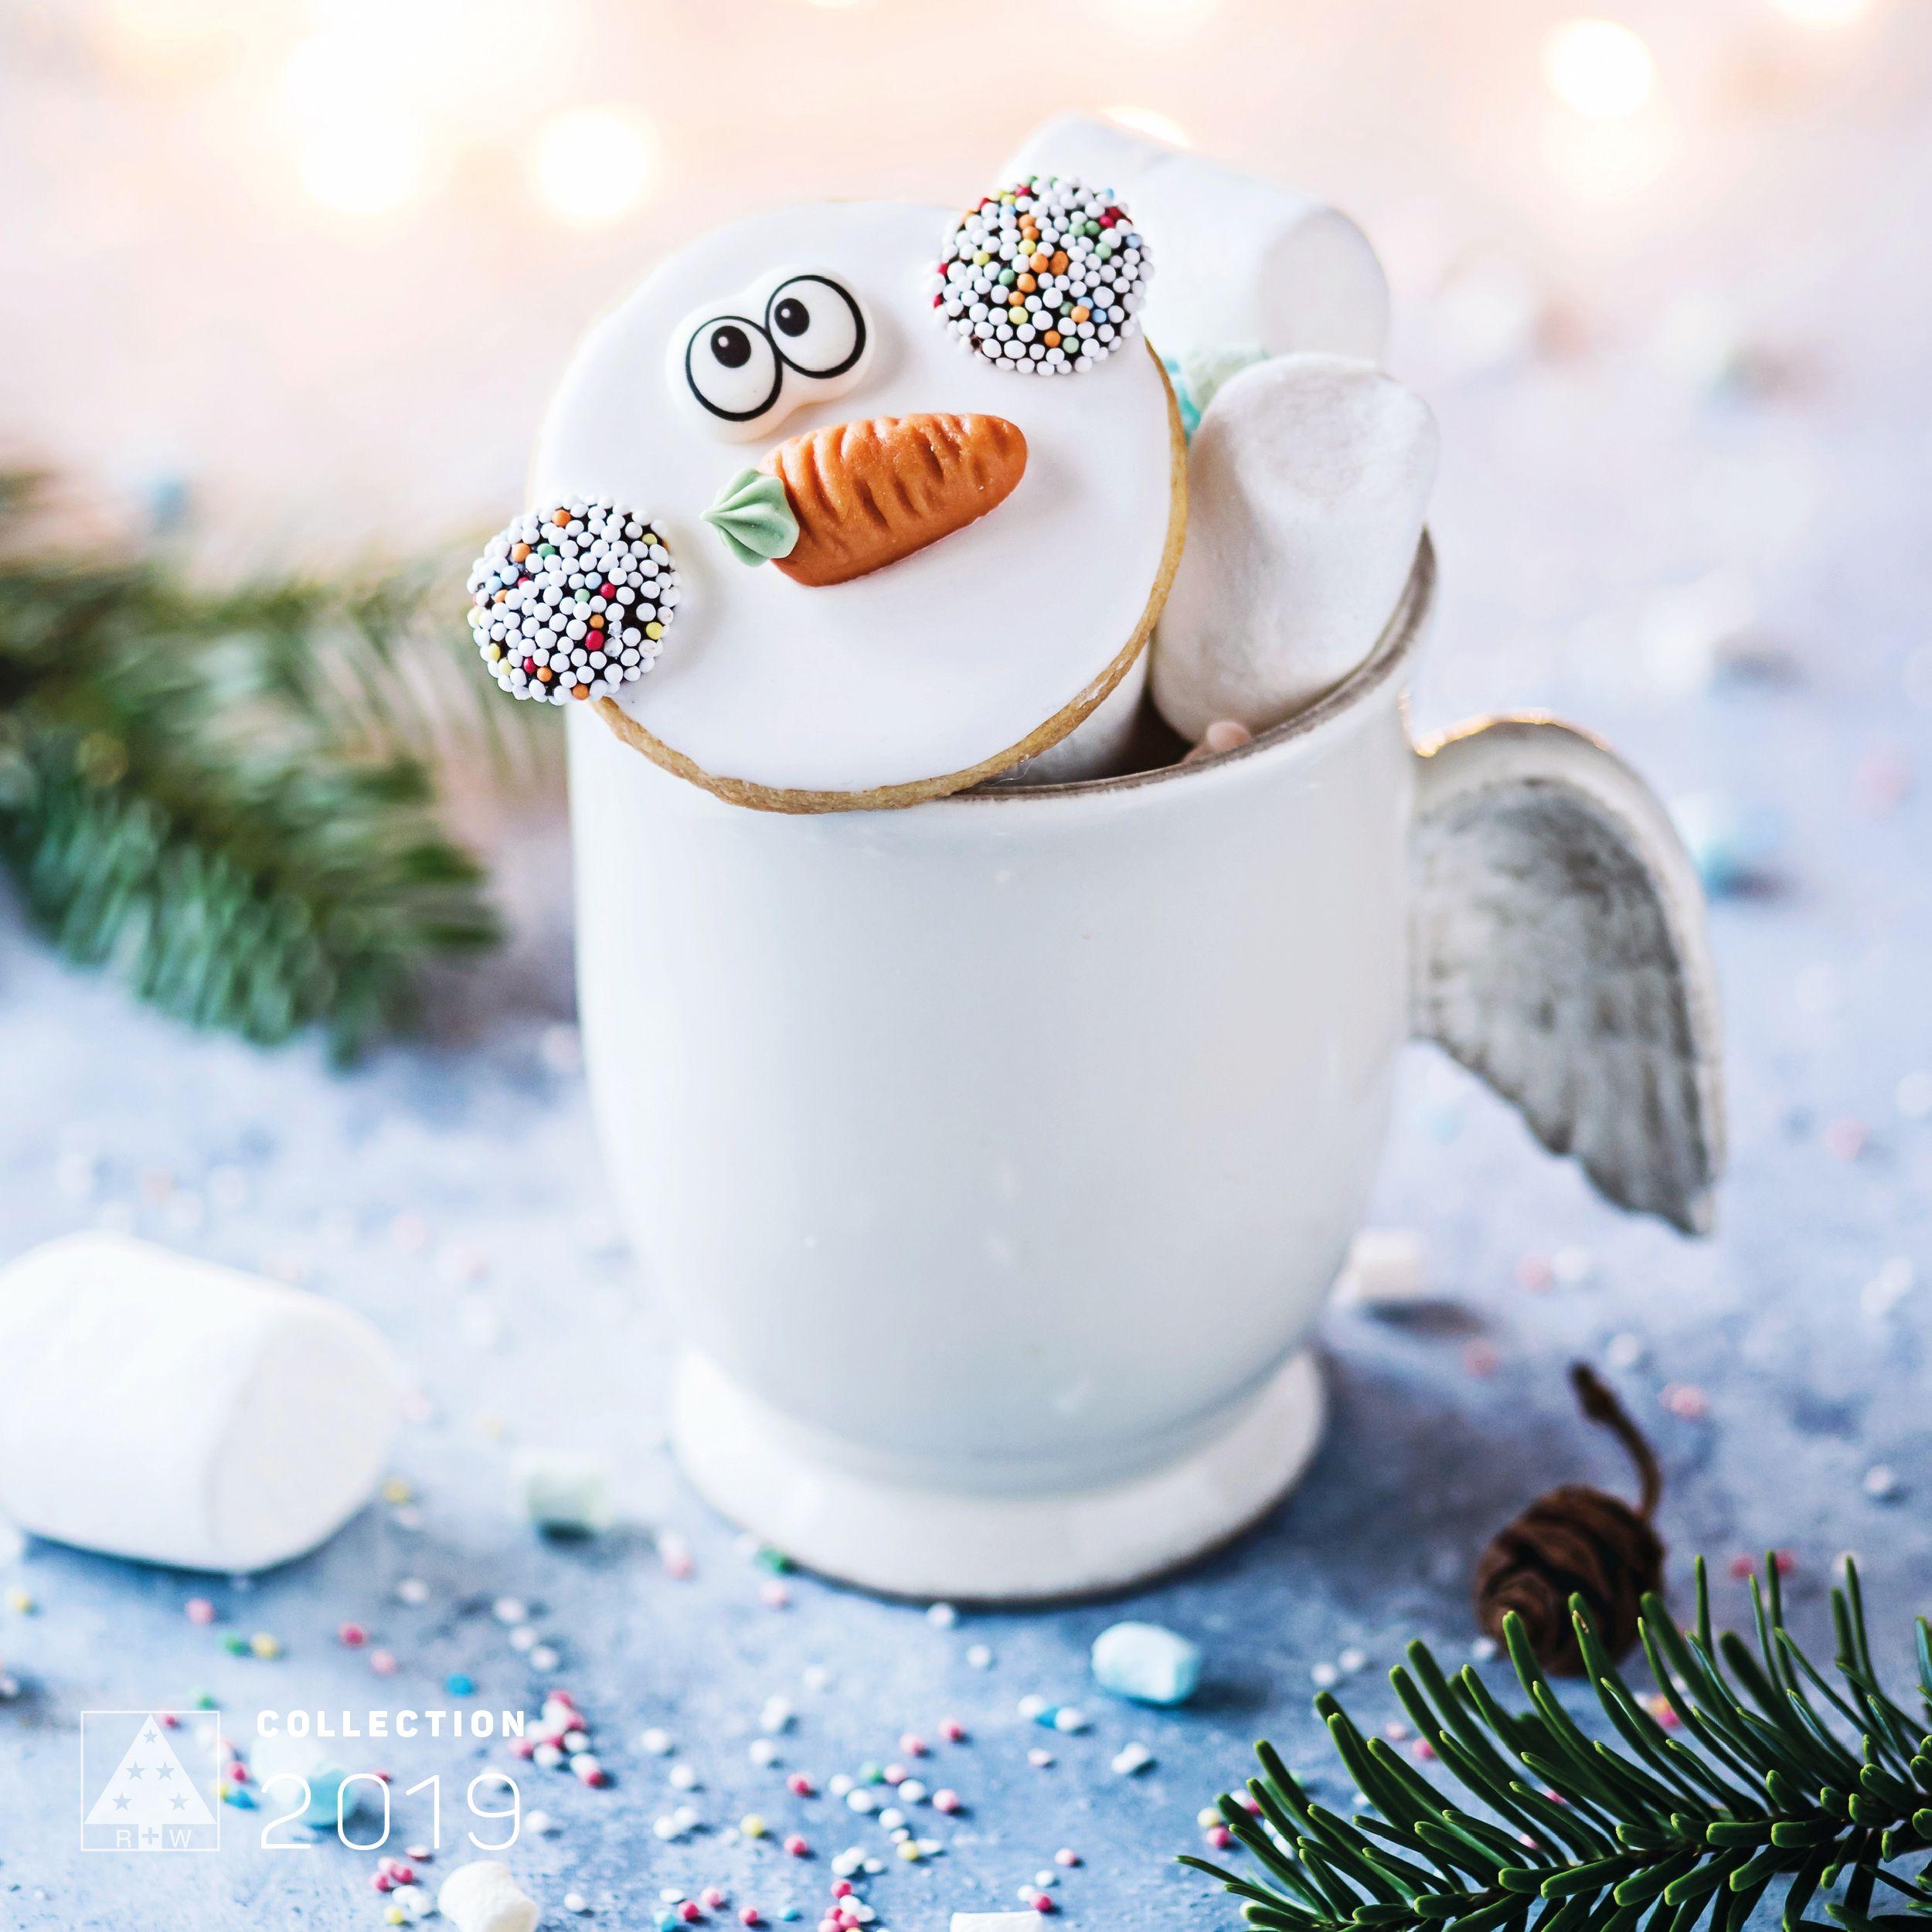 Heiße Schokolade #mug #hotchocolate #marshmallow #royalsilver #silver #shiny #glittery #silber #elegant #glänzend #colortrends #trends2019 #decoration #deko #weihnachtsdeko #christmas #christmasspirit #christmastime #christmasornaments #riffelmacherweinberger #weihnachtsdeko2019trend